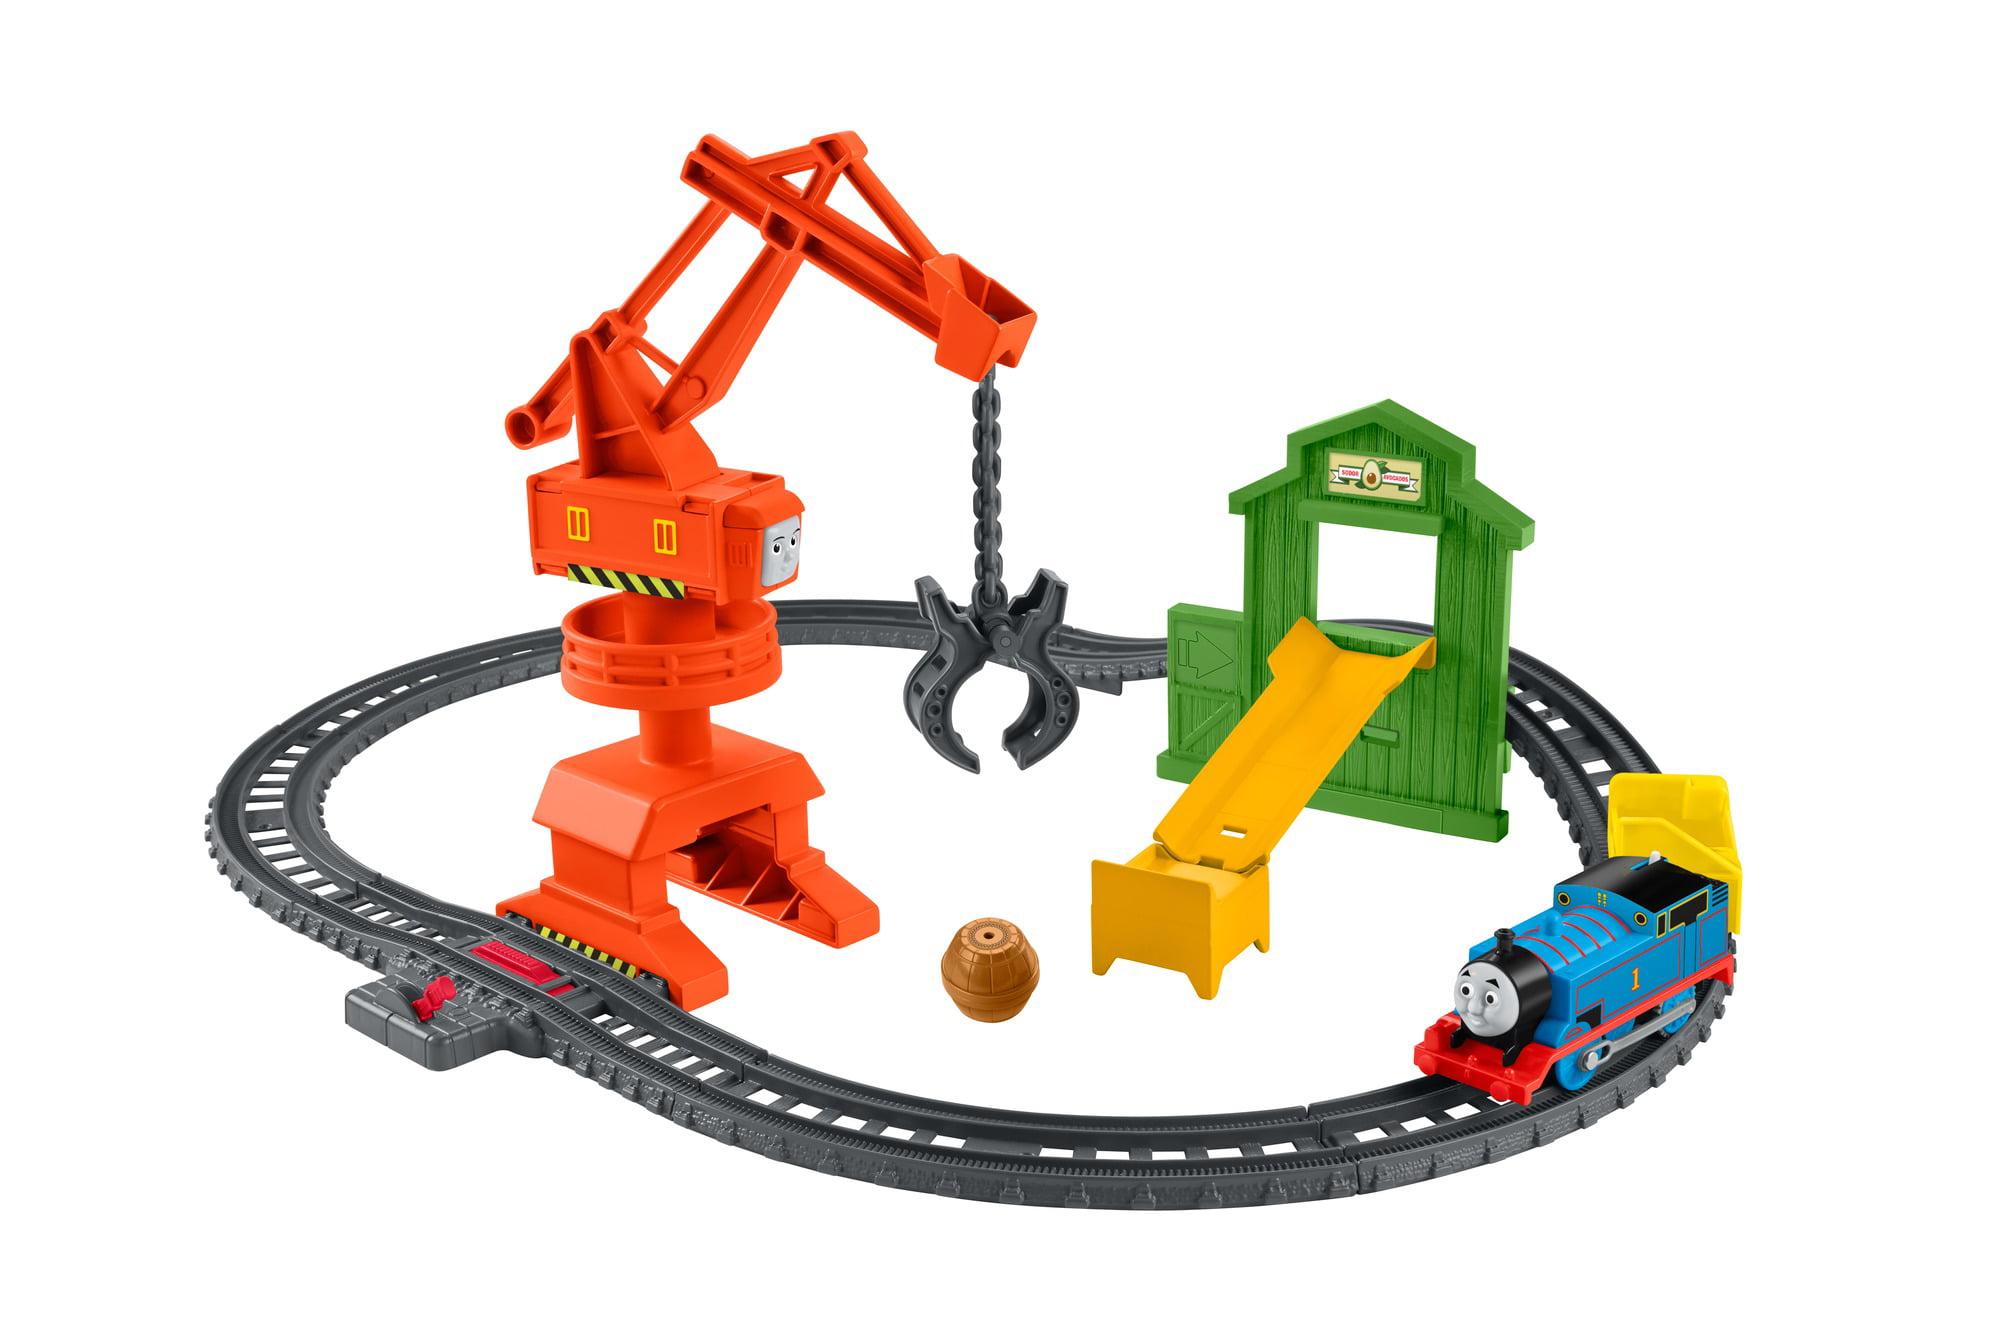 Thomas & Friends TrackMaster Cassia Crane & Cargo Set